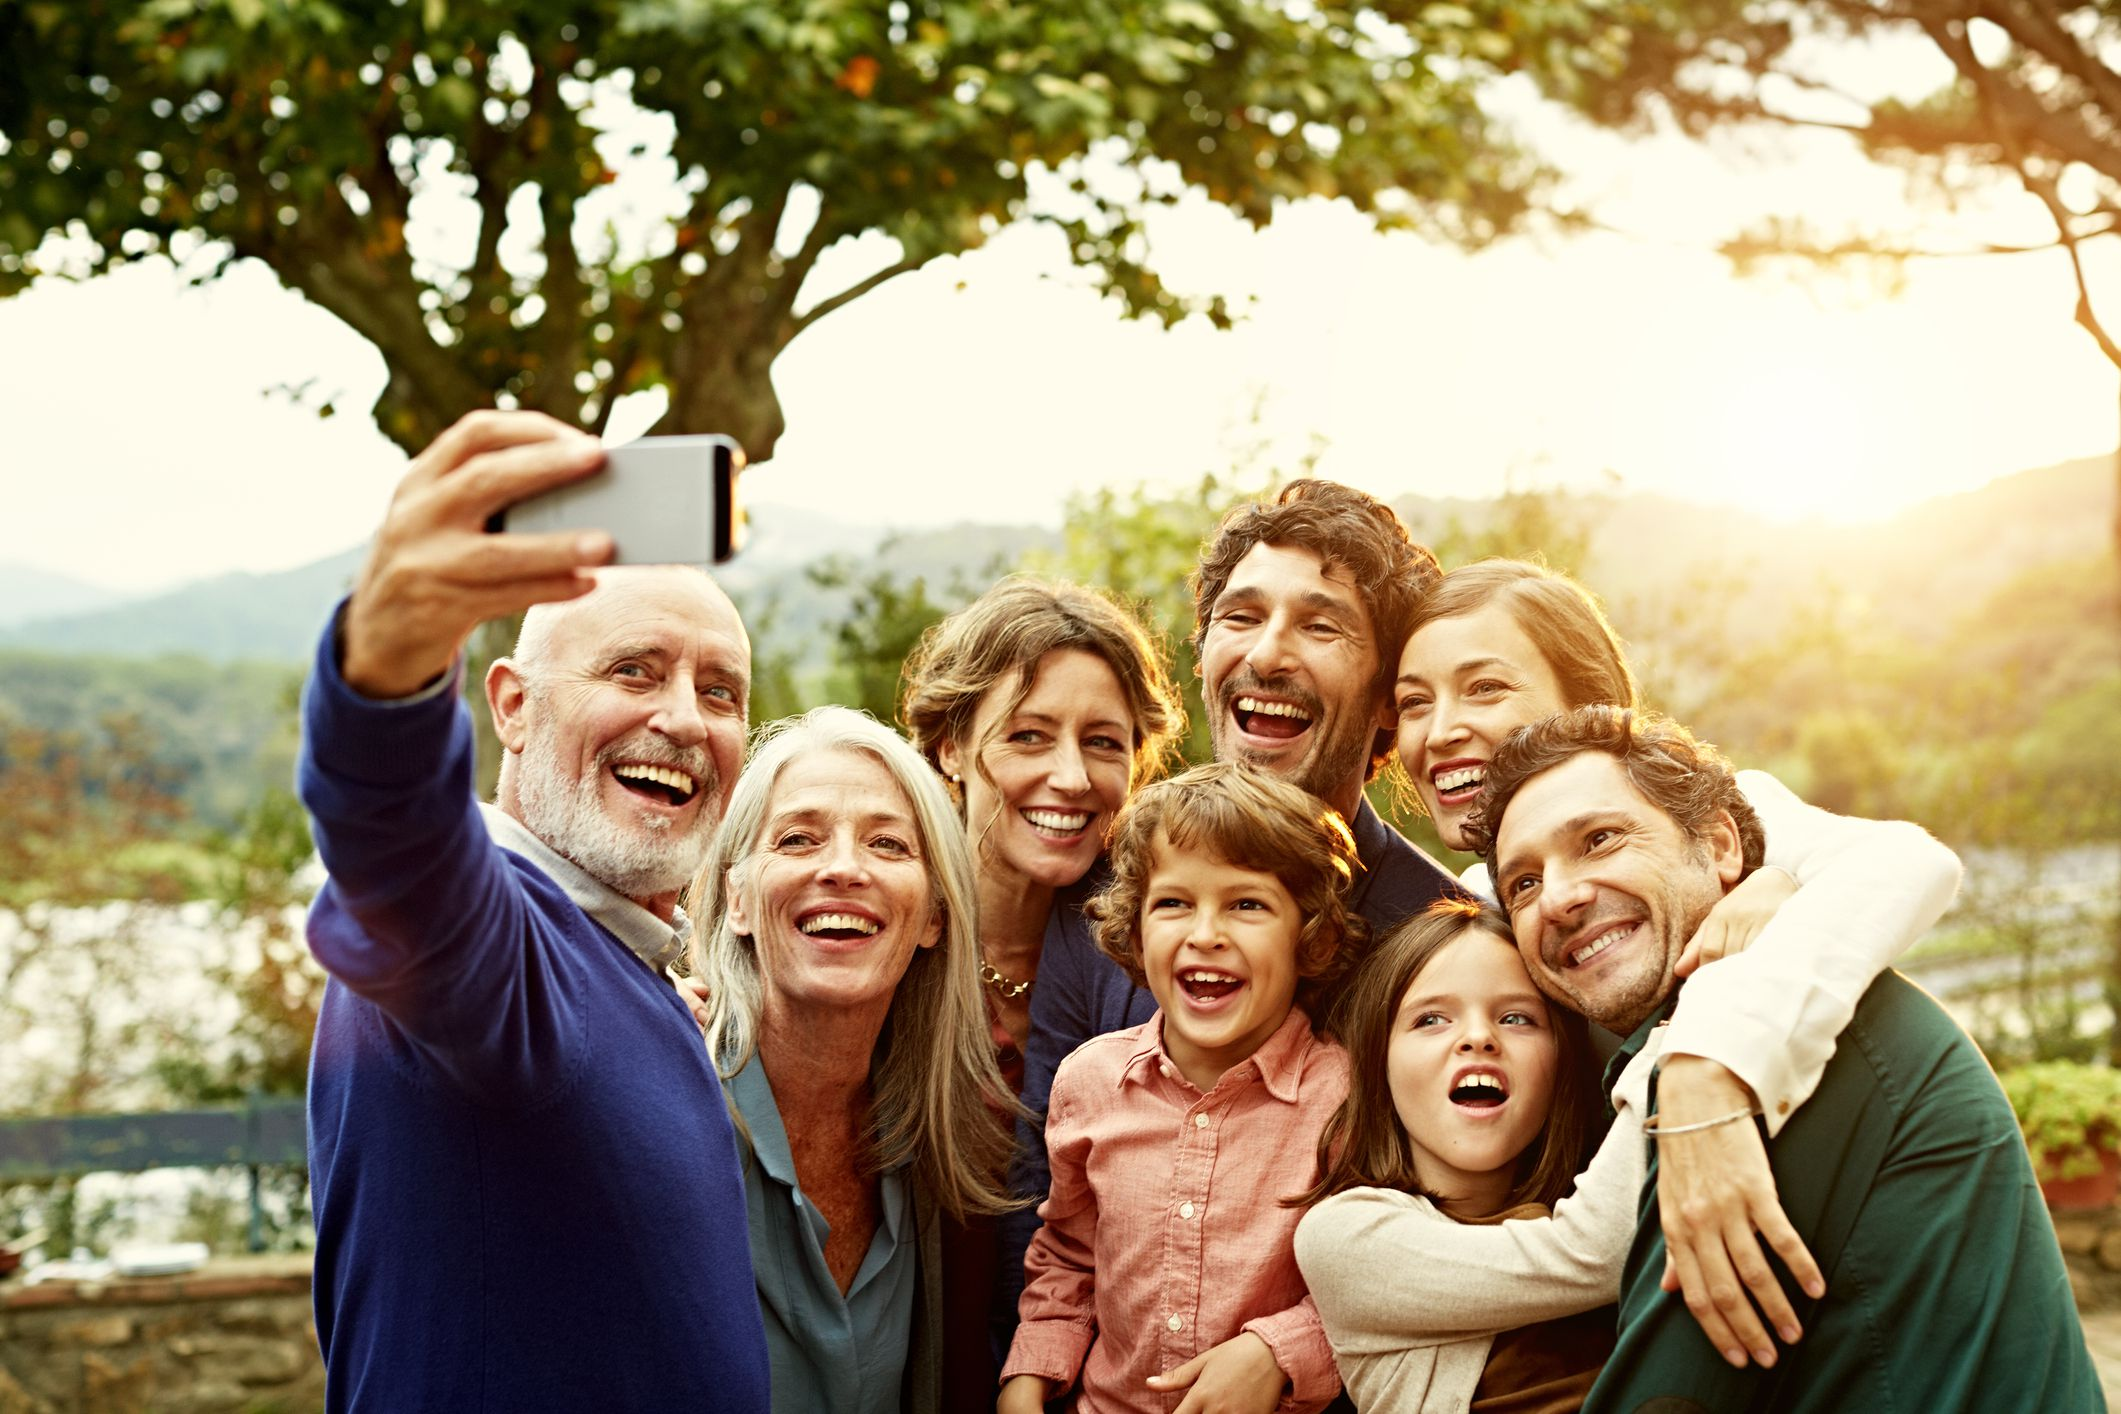 Family Bonding Atividades &quot;classe =&quot; wp-image-50694 &quot;/&gt;</figure></p></div><p>Família… a palavra para a maioria das pessoas evoca<br/> imagens de jogos de tabuleiro pelo fogo e feriados reunidos em torno do jantar<br/> mesa. No entanto, todo mundo sabe que há mais do que isso, com a família<br/> dinâmica e história entrando em jogo também. Algumas famílias rapidamente se afastam<br/> à medida que as crianças crescem, os empregos exigem mudança e os membros da família ficam ocupados. Para o<br/> família que ainda está perto na distância, há alguns vínculos familiares<br/> atividades que você pode participar para ajudá-lo a ficar tão perto quanto você quer ser.<br/> Aqui estão algumas maneiras de reunir as gerações.</p><h4>Trace sua árvore genealógica juntos</h4><p>Não há nada como mergulhar na história de<br/> sua árvore genealógica para unir as pessoas. Se você está se perguntando sobre<br/> sua árvore genealógica e tentando pensar em uma maneira de aproximar sua família, então<br/> isso pode ser apenas isso. Reúna todos juntos, coloque o café e<br/> pesquise a ascendência da sua família, pesquisando <a href=